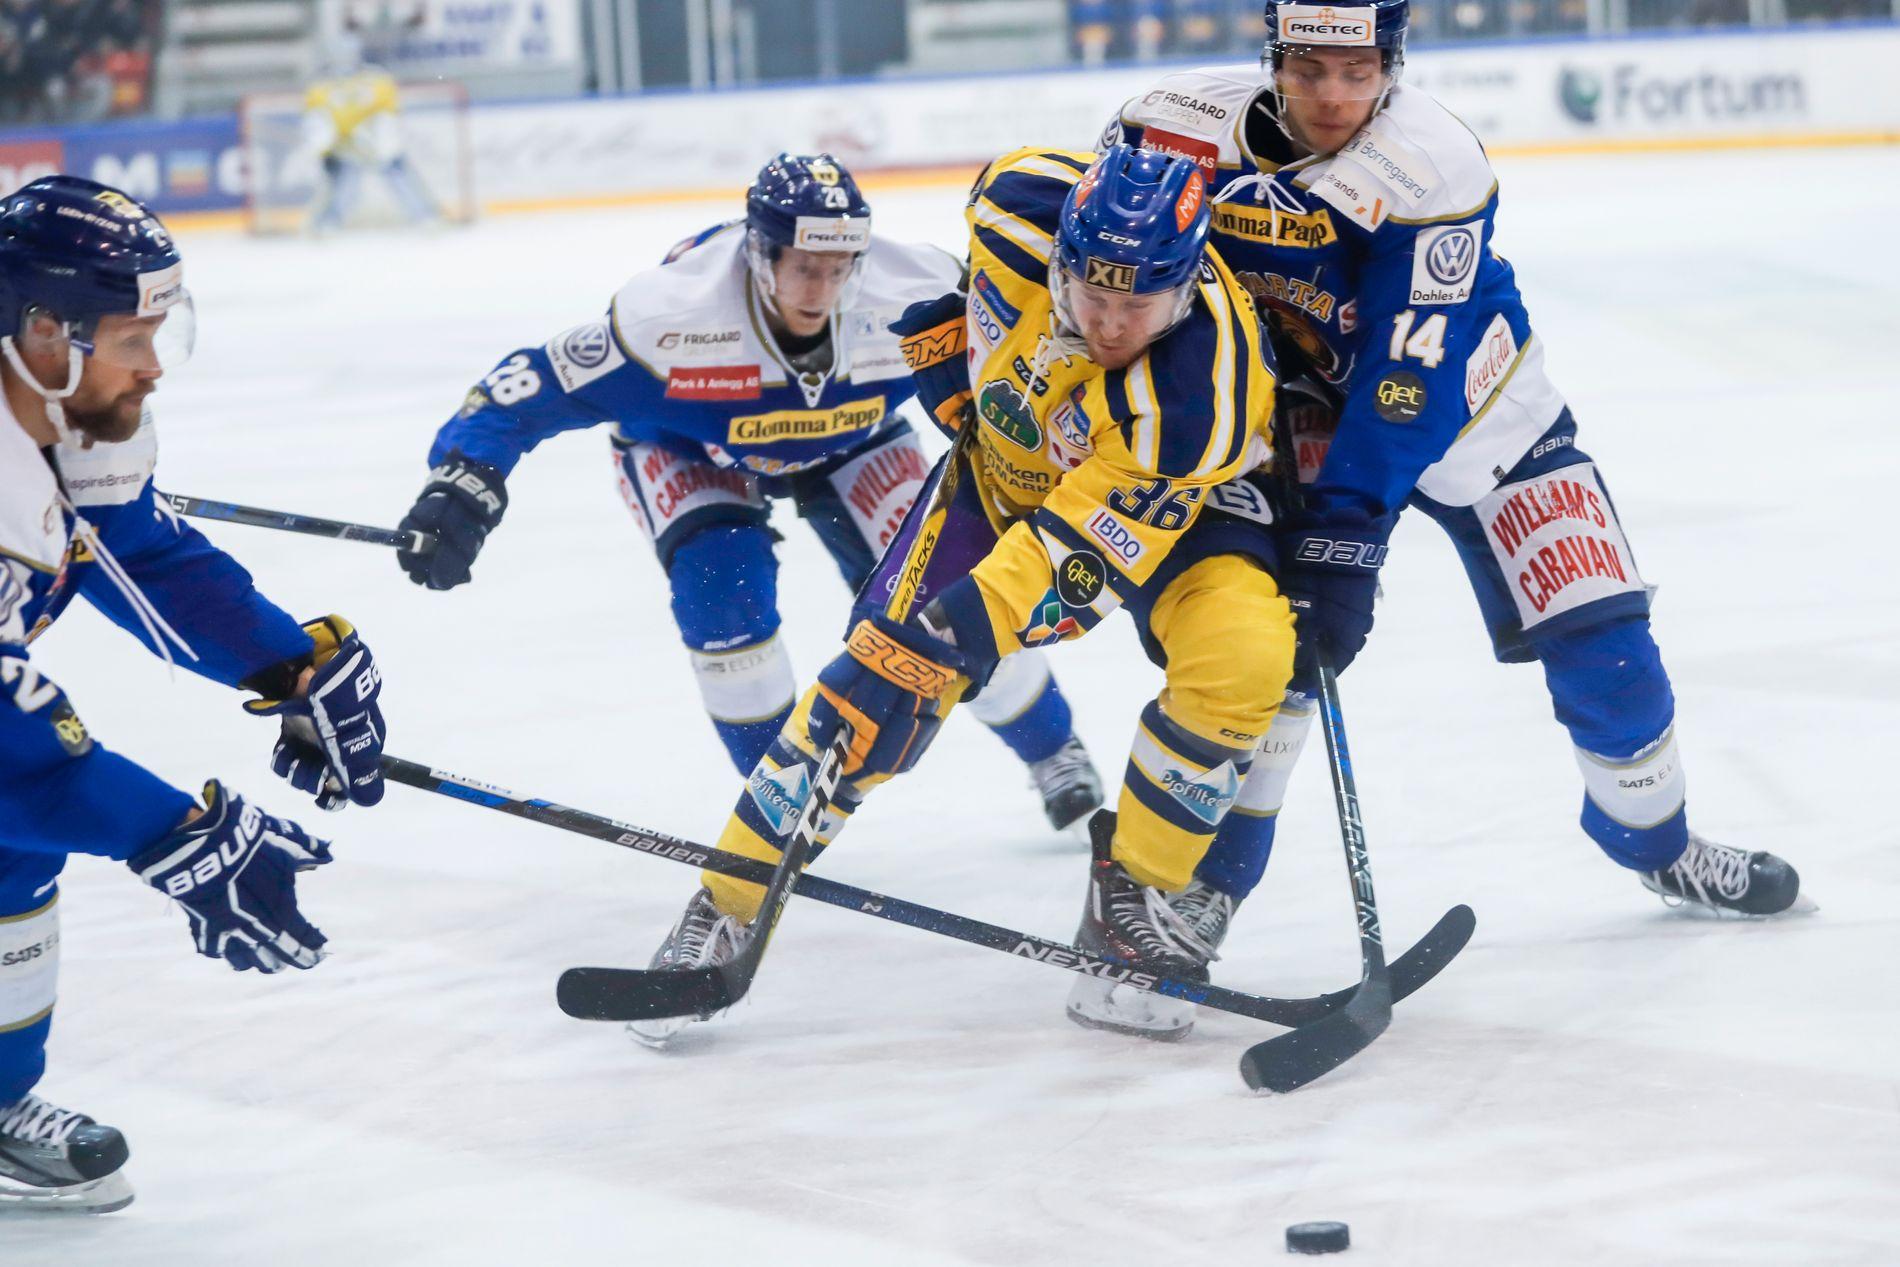 PAKKES INN: Storhamars Martin Blakseth Huse blir effektivt stoppet av Henrik Knold (t.h.) og Niklas Roest i den sjette kvartfinalekampen.